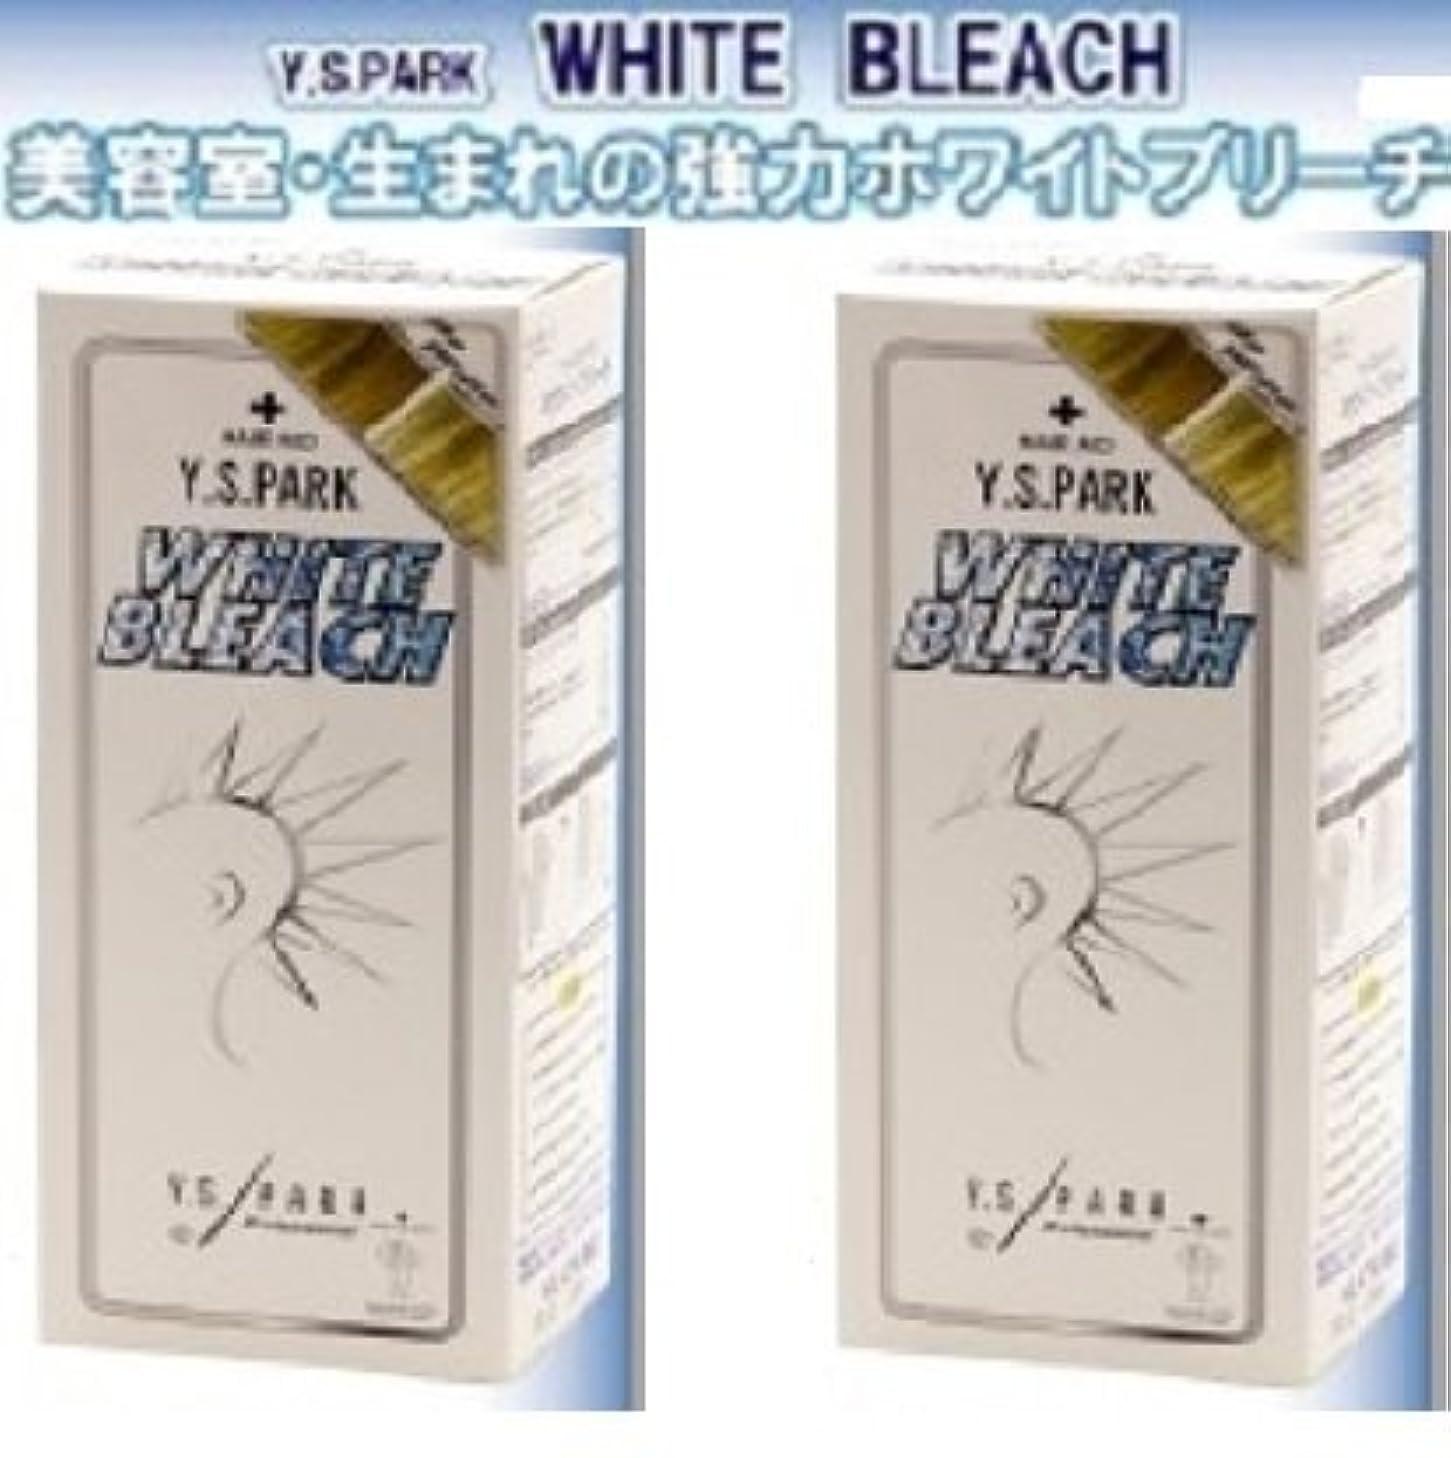 周波数気候言い訳【YSPARK 】ホワイトブリーチ ×2個セット(お得な2個組)美容室生まれの強力ホワイトブリーチ